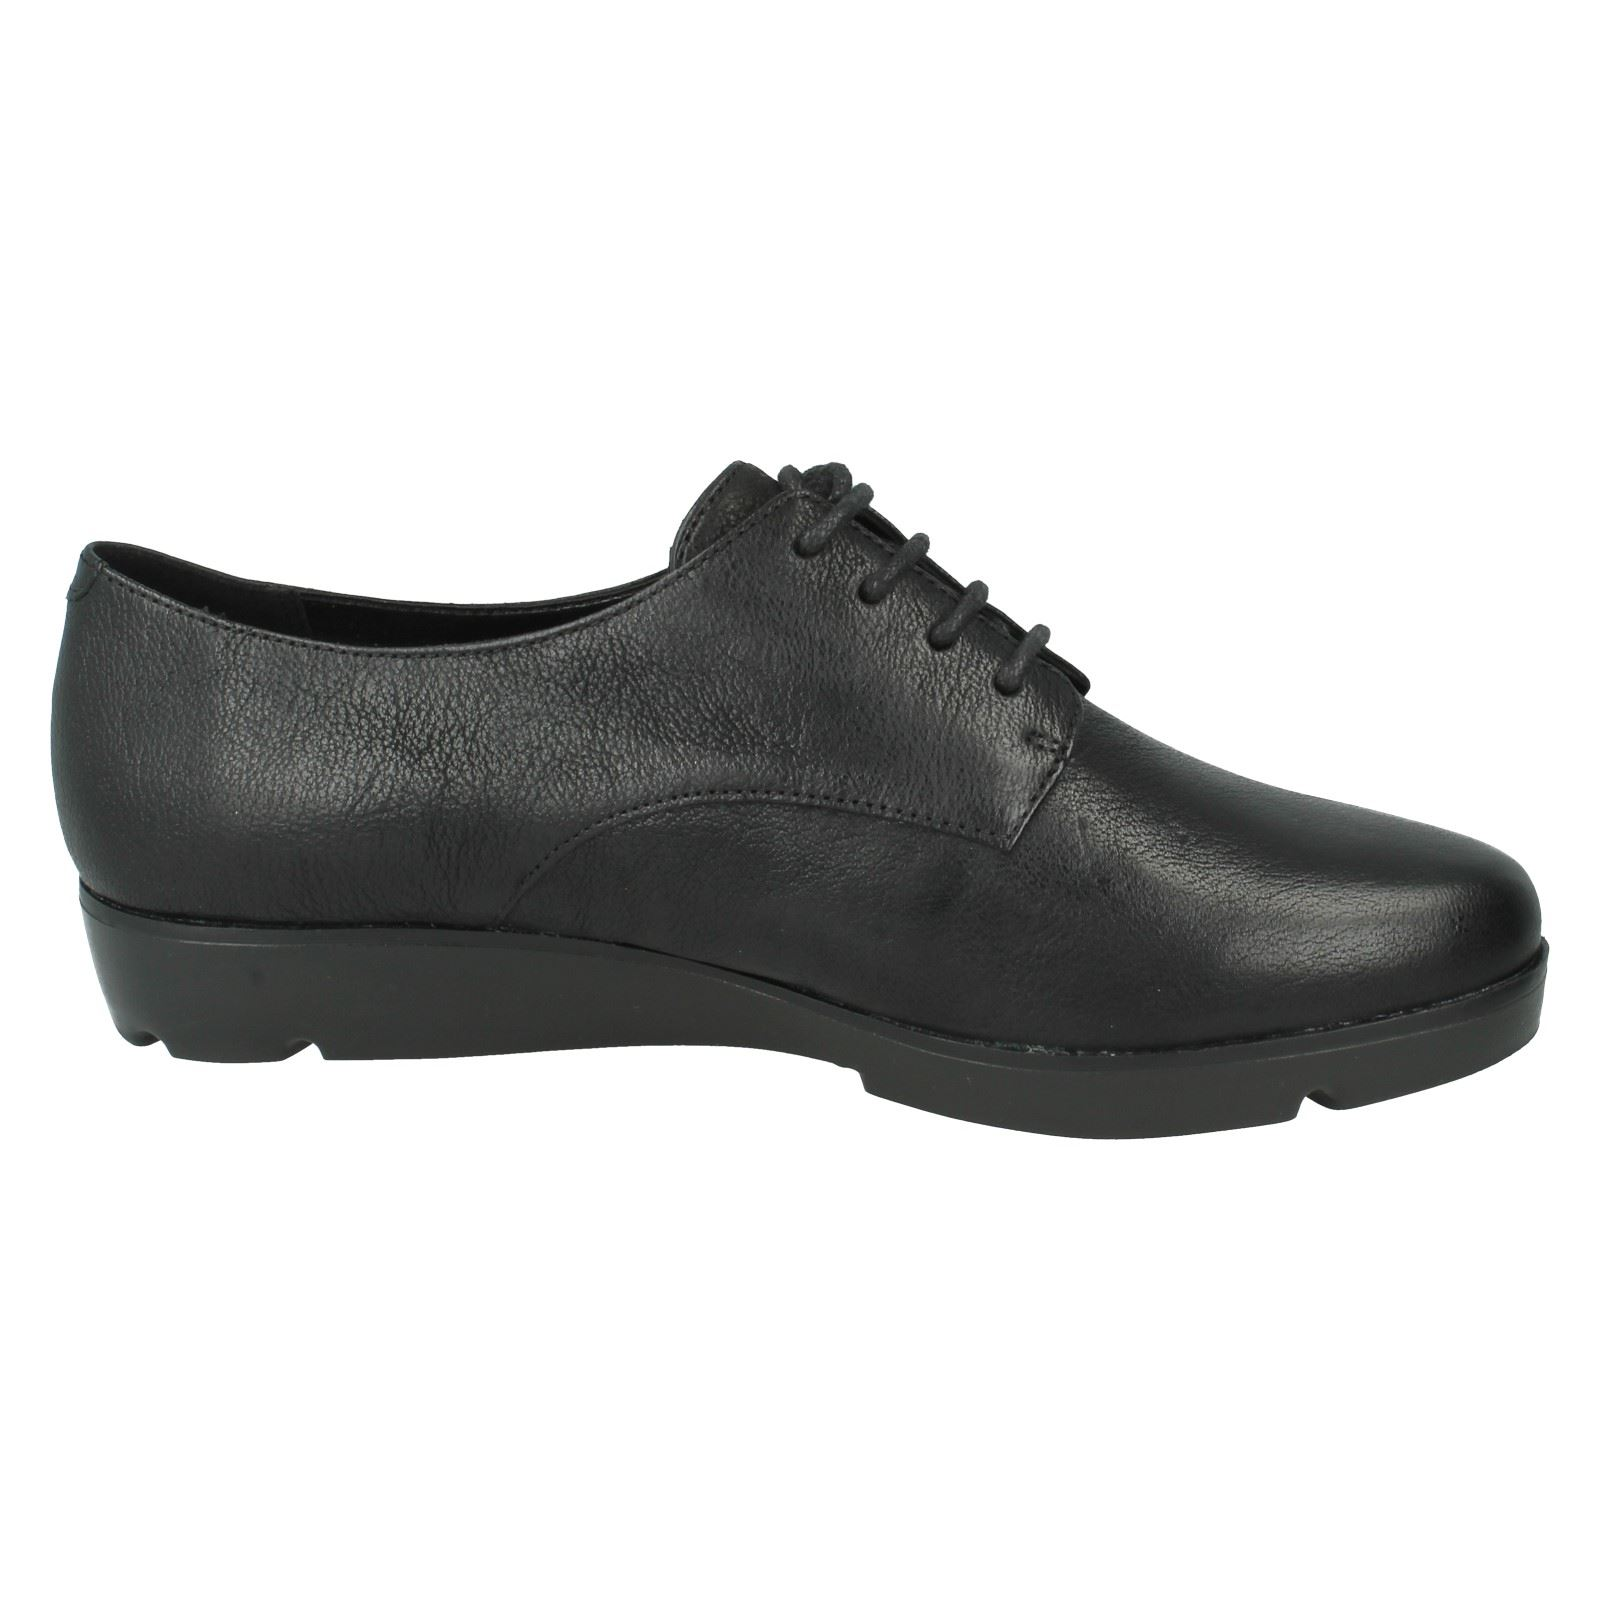 aller pour en Clarks Bow noir tout Chaussures Style The femmes à Evie lacets cuir wtYqBxP1I